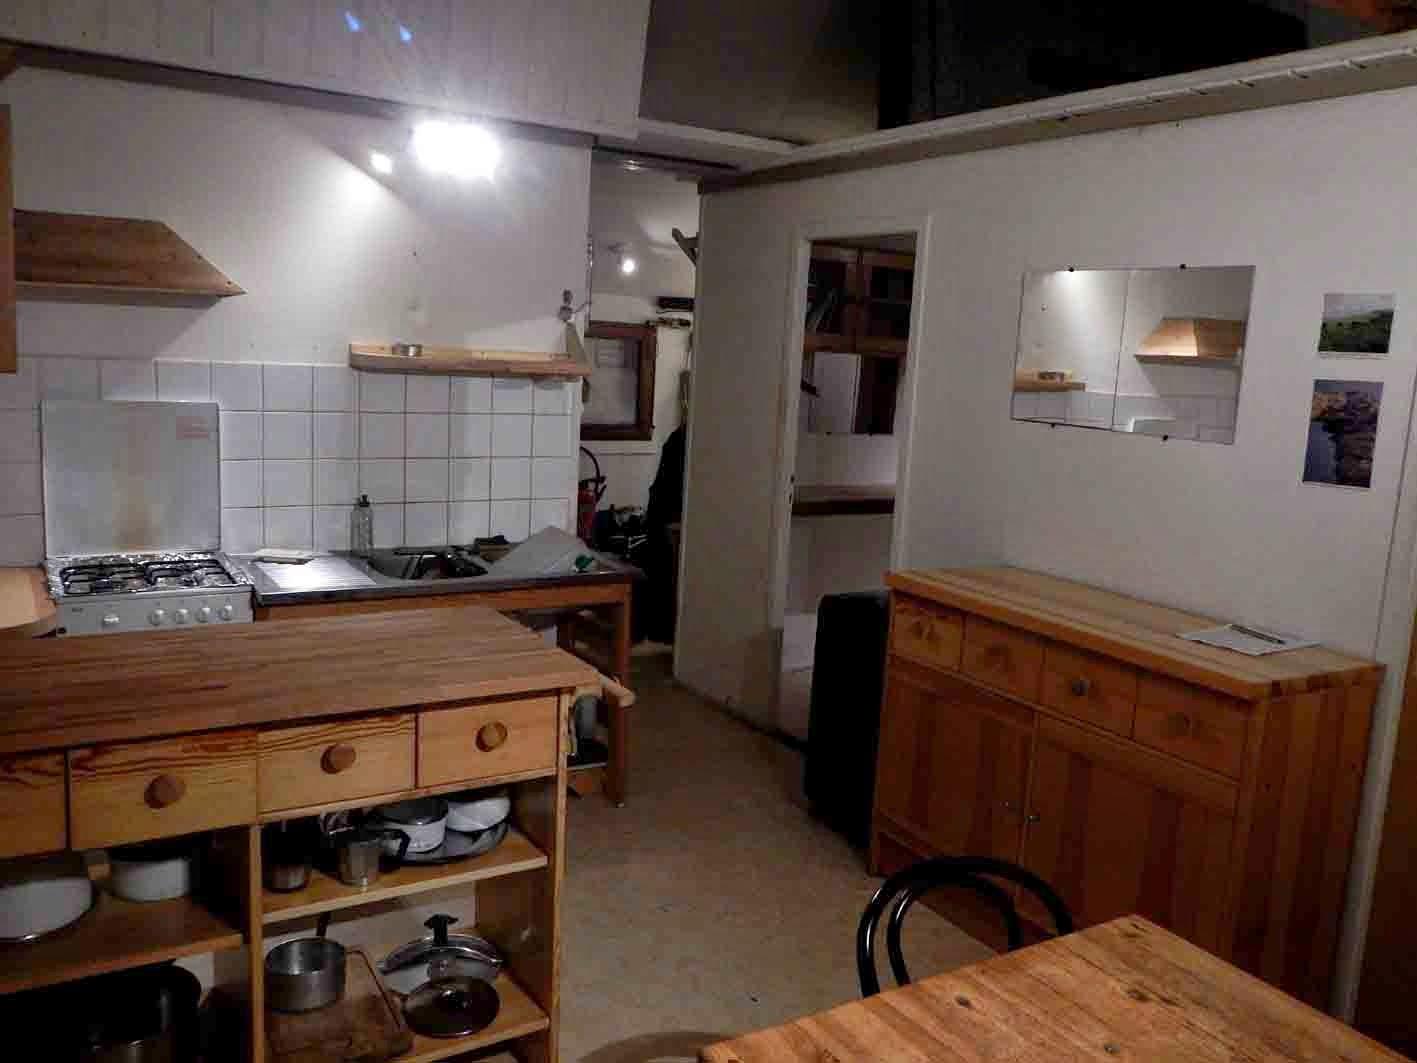 un hivernage aux les kerguelen d j 6 mois. Black Bedroom Furniture Sets. Home Design Ideas